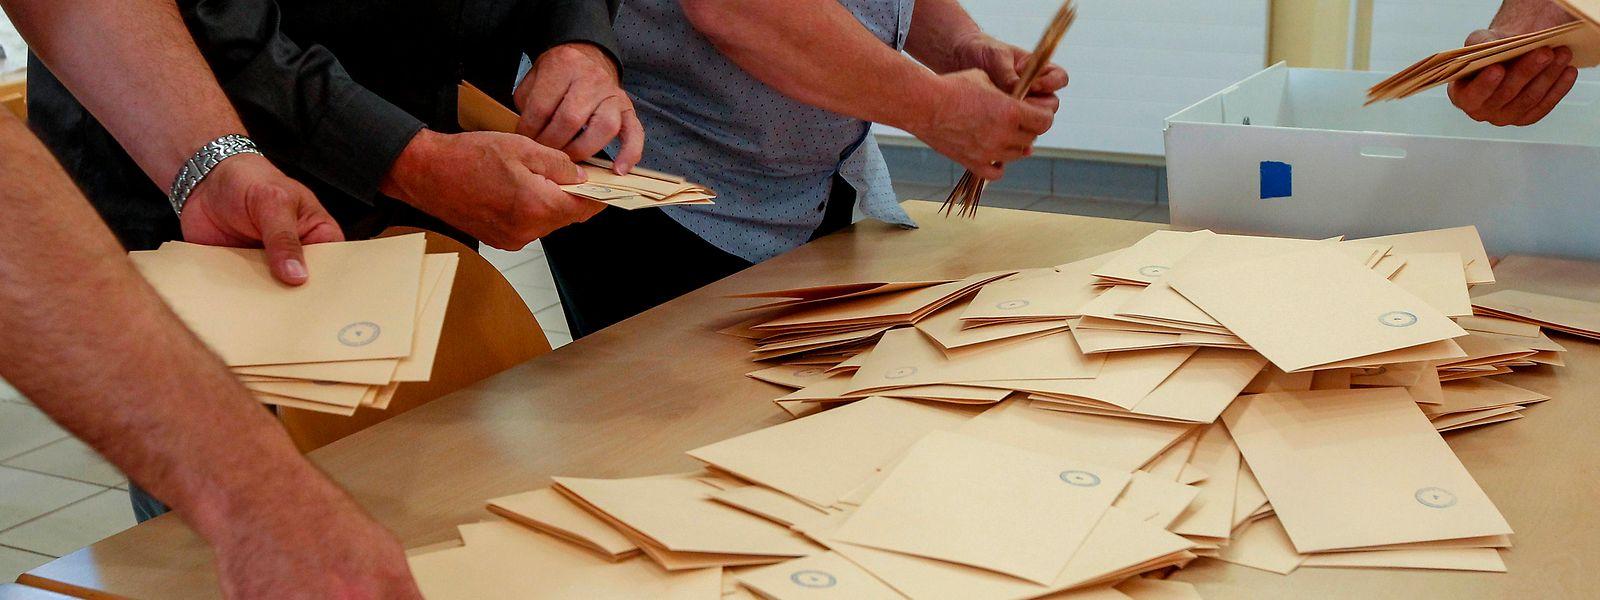 Die Asti kritisiert, dass EU-Ausländer erst fünf Jahre in Luxemburg gelebt haben müssen, bevor sie zu Gemeindewahlen zugelassen werden.